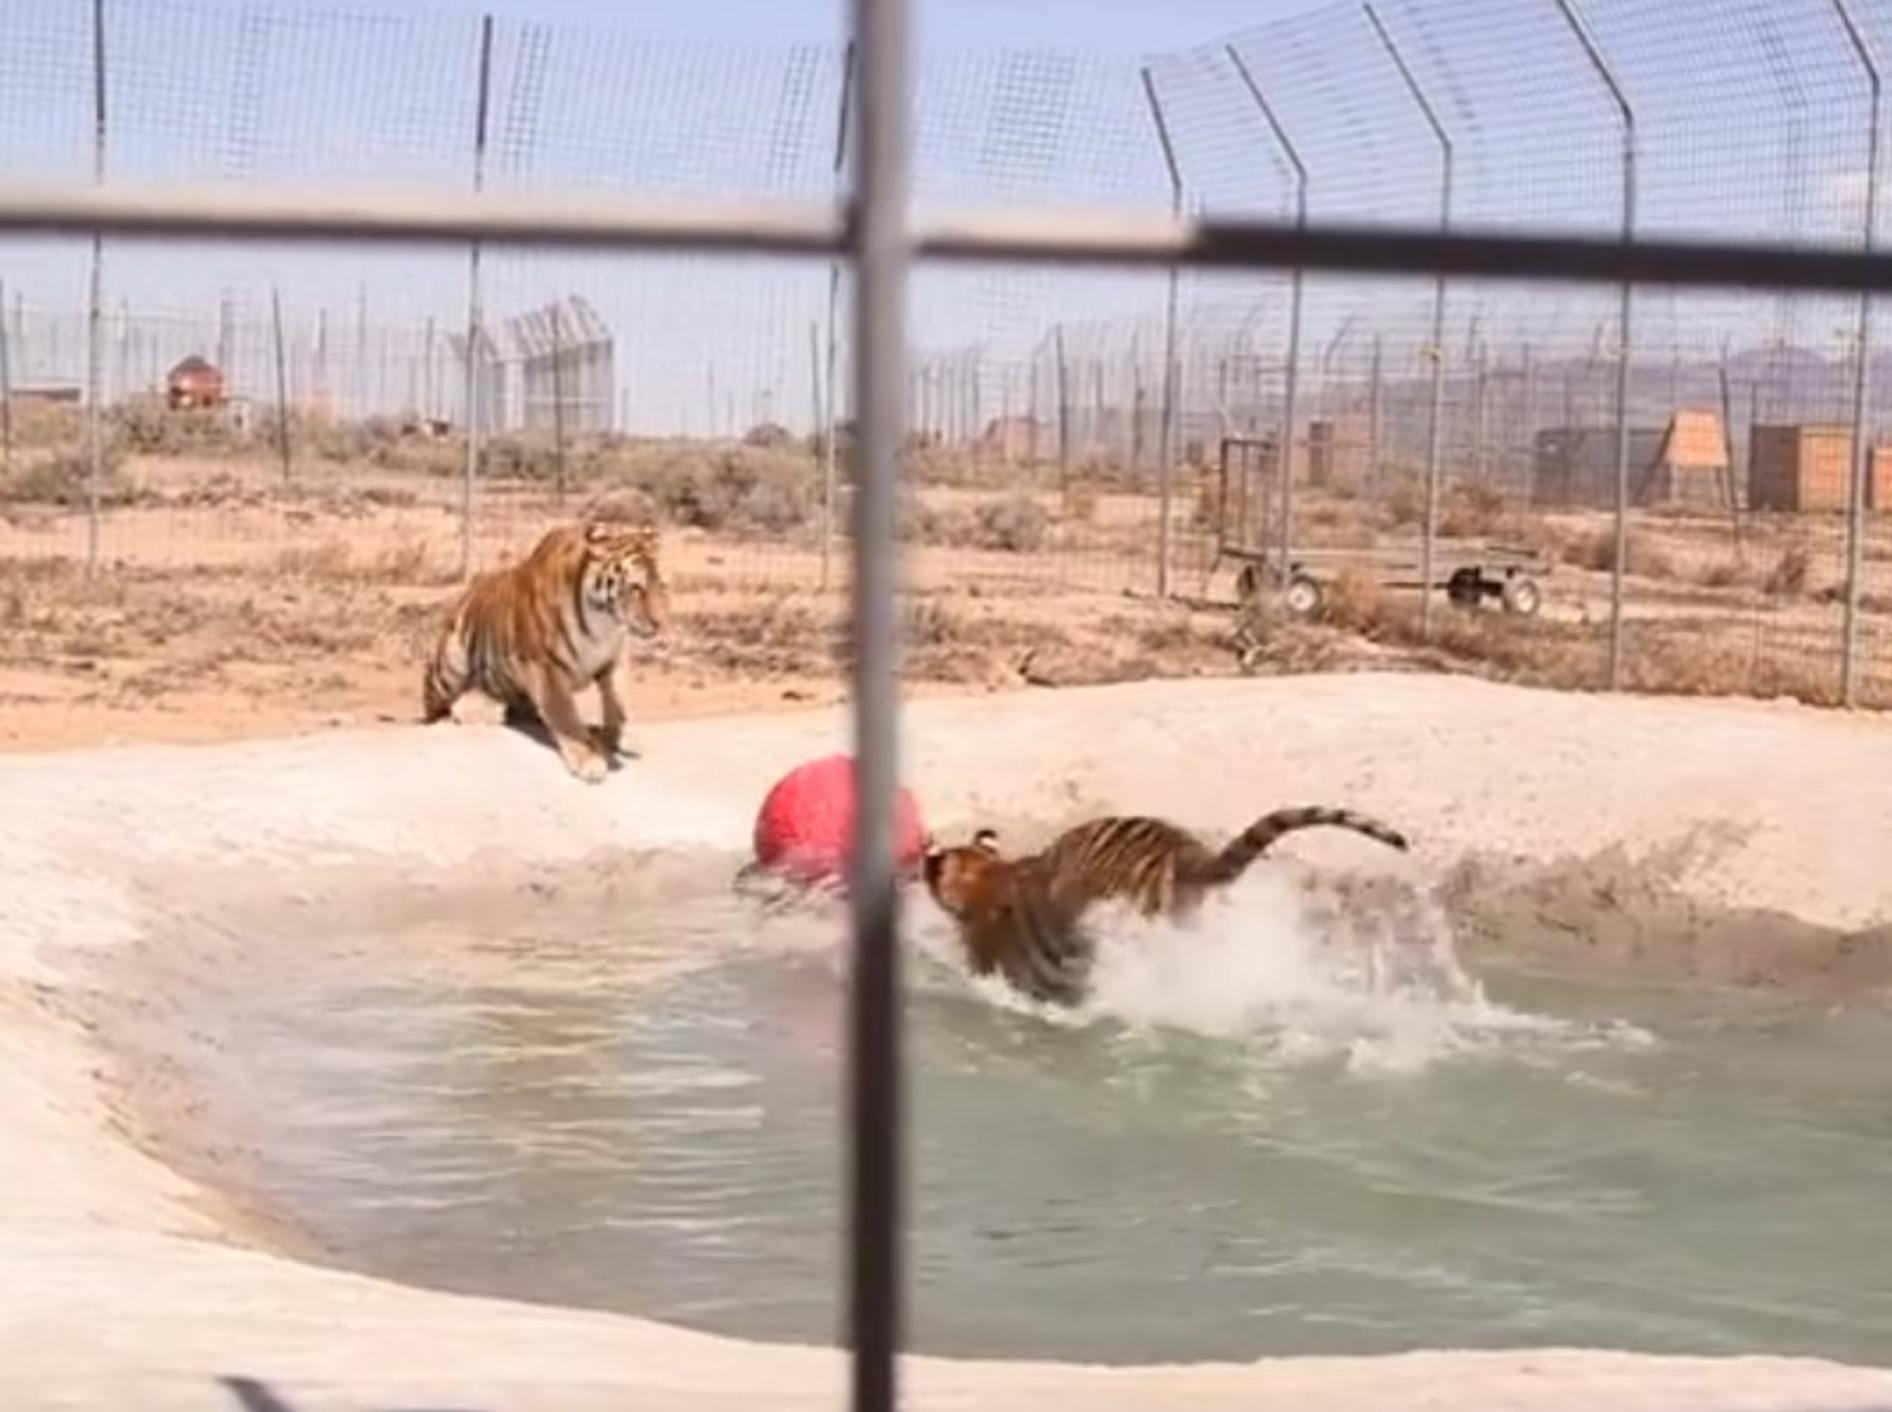 So viel Spaß haben die beiden Tiger Lily und Carli in ihrem eigenen Pool – YouTube / IFAW - International Fund For Animal Welfare